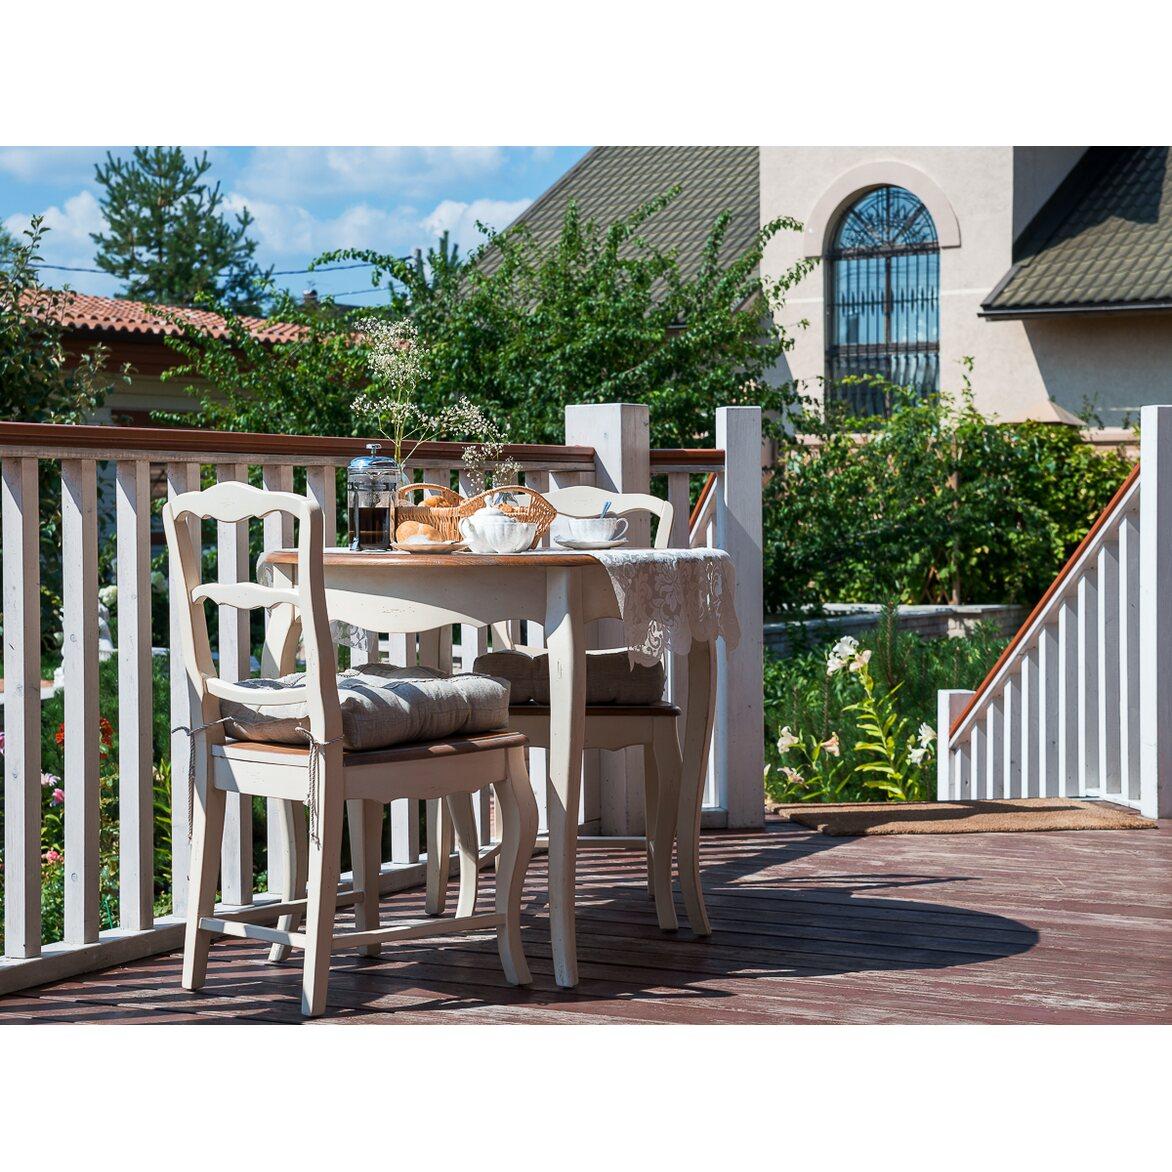 Стул с деревянным сиденьем Leontina, бежевого цвета 2   Обеденные стулья Kingsby